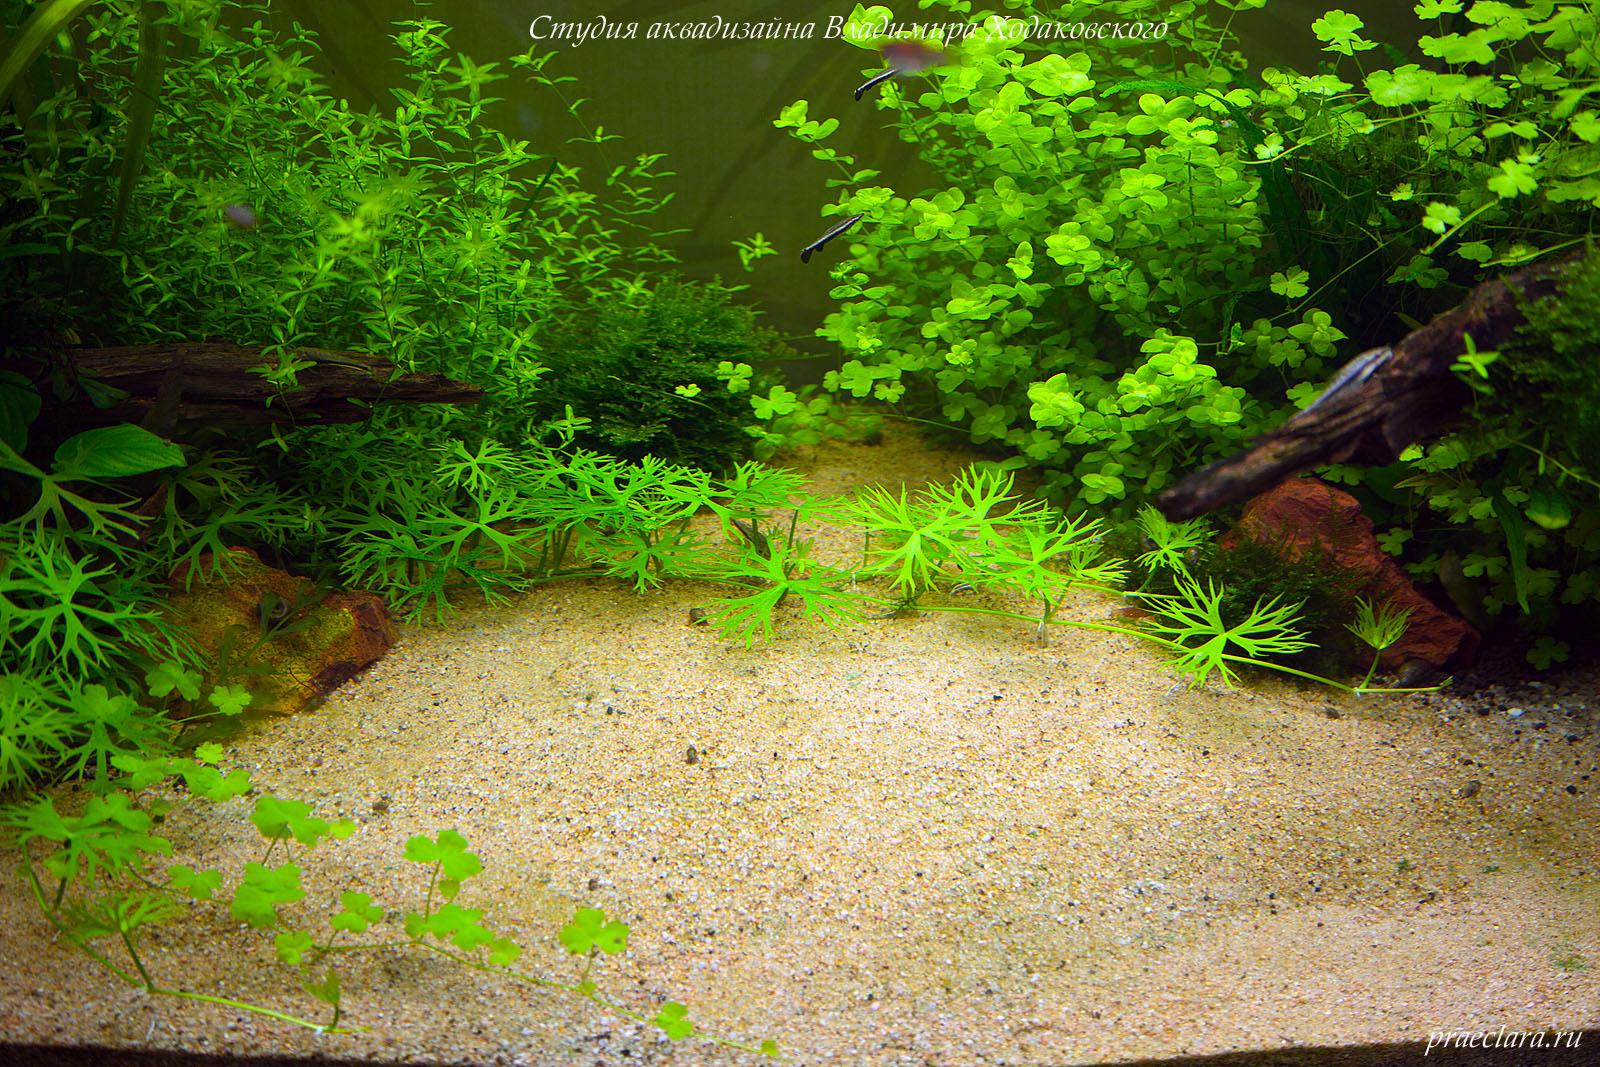 Лютик речной (Ranunculus inundatus) в центре, фрагмент аквариума